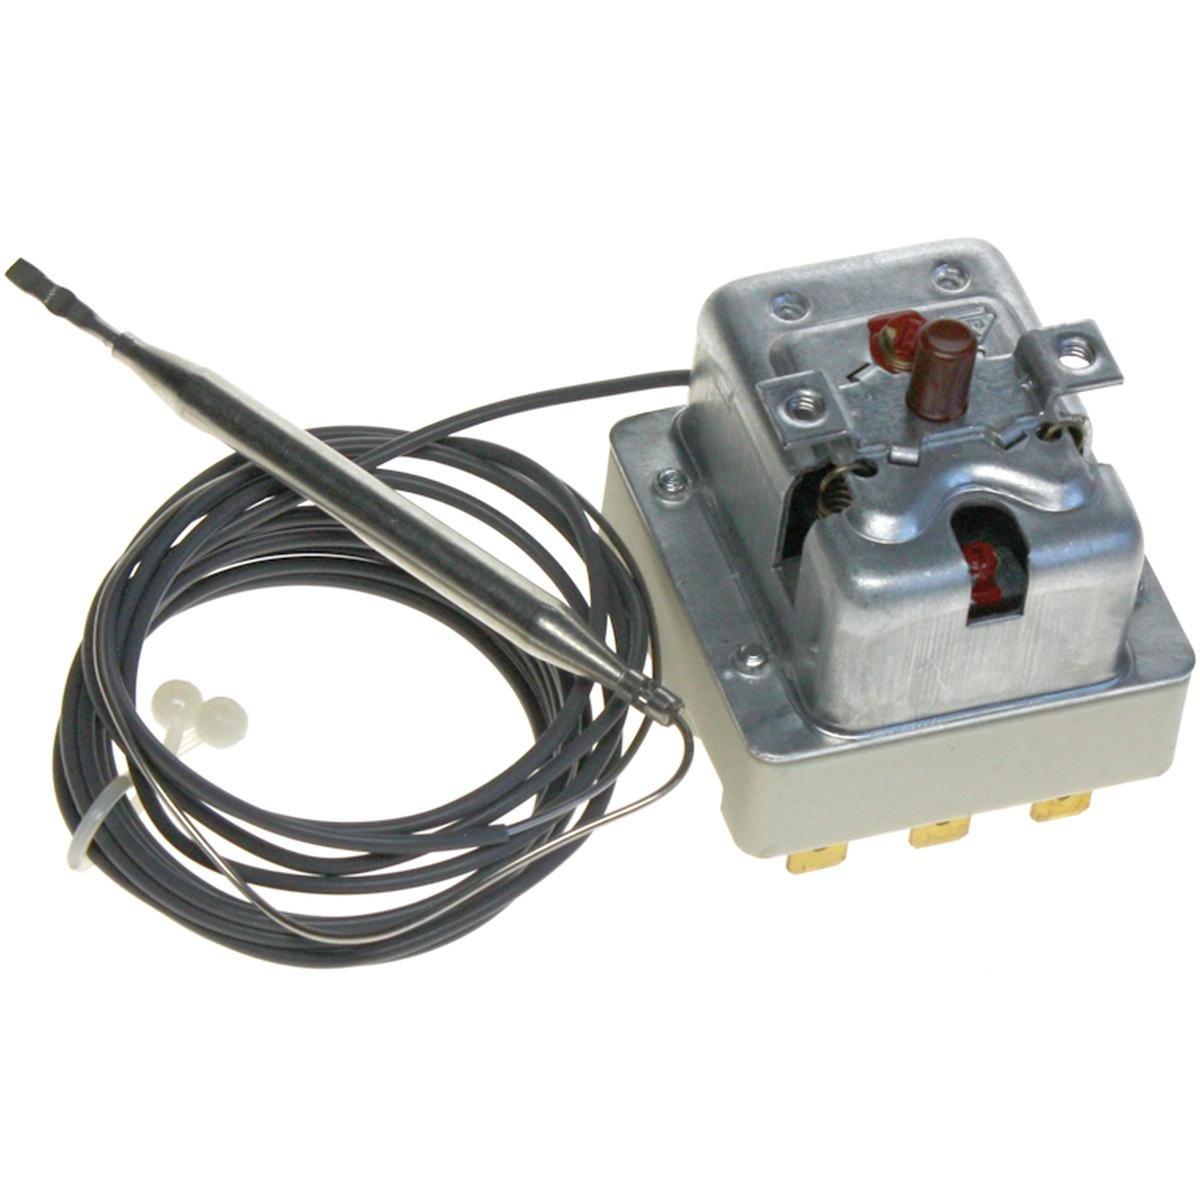 Säkerhetstermostat 240°C 400V 1600 mm. sensor till